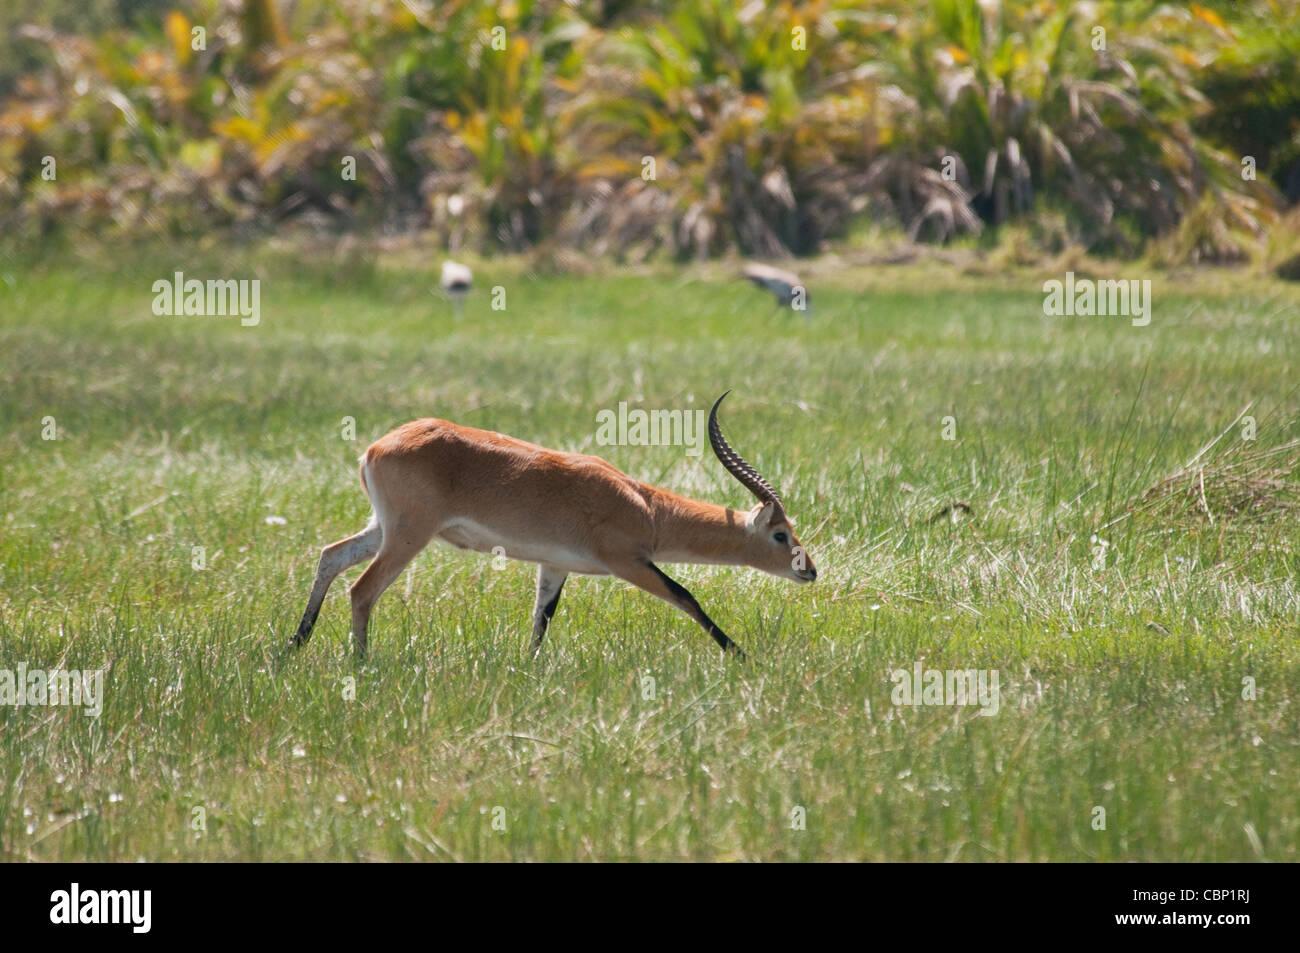 Africa Botswana Okavango Delta Red Lechwe buck running - Stock Image